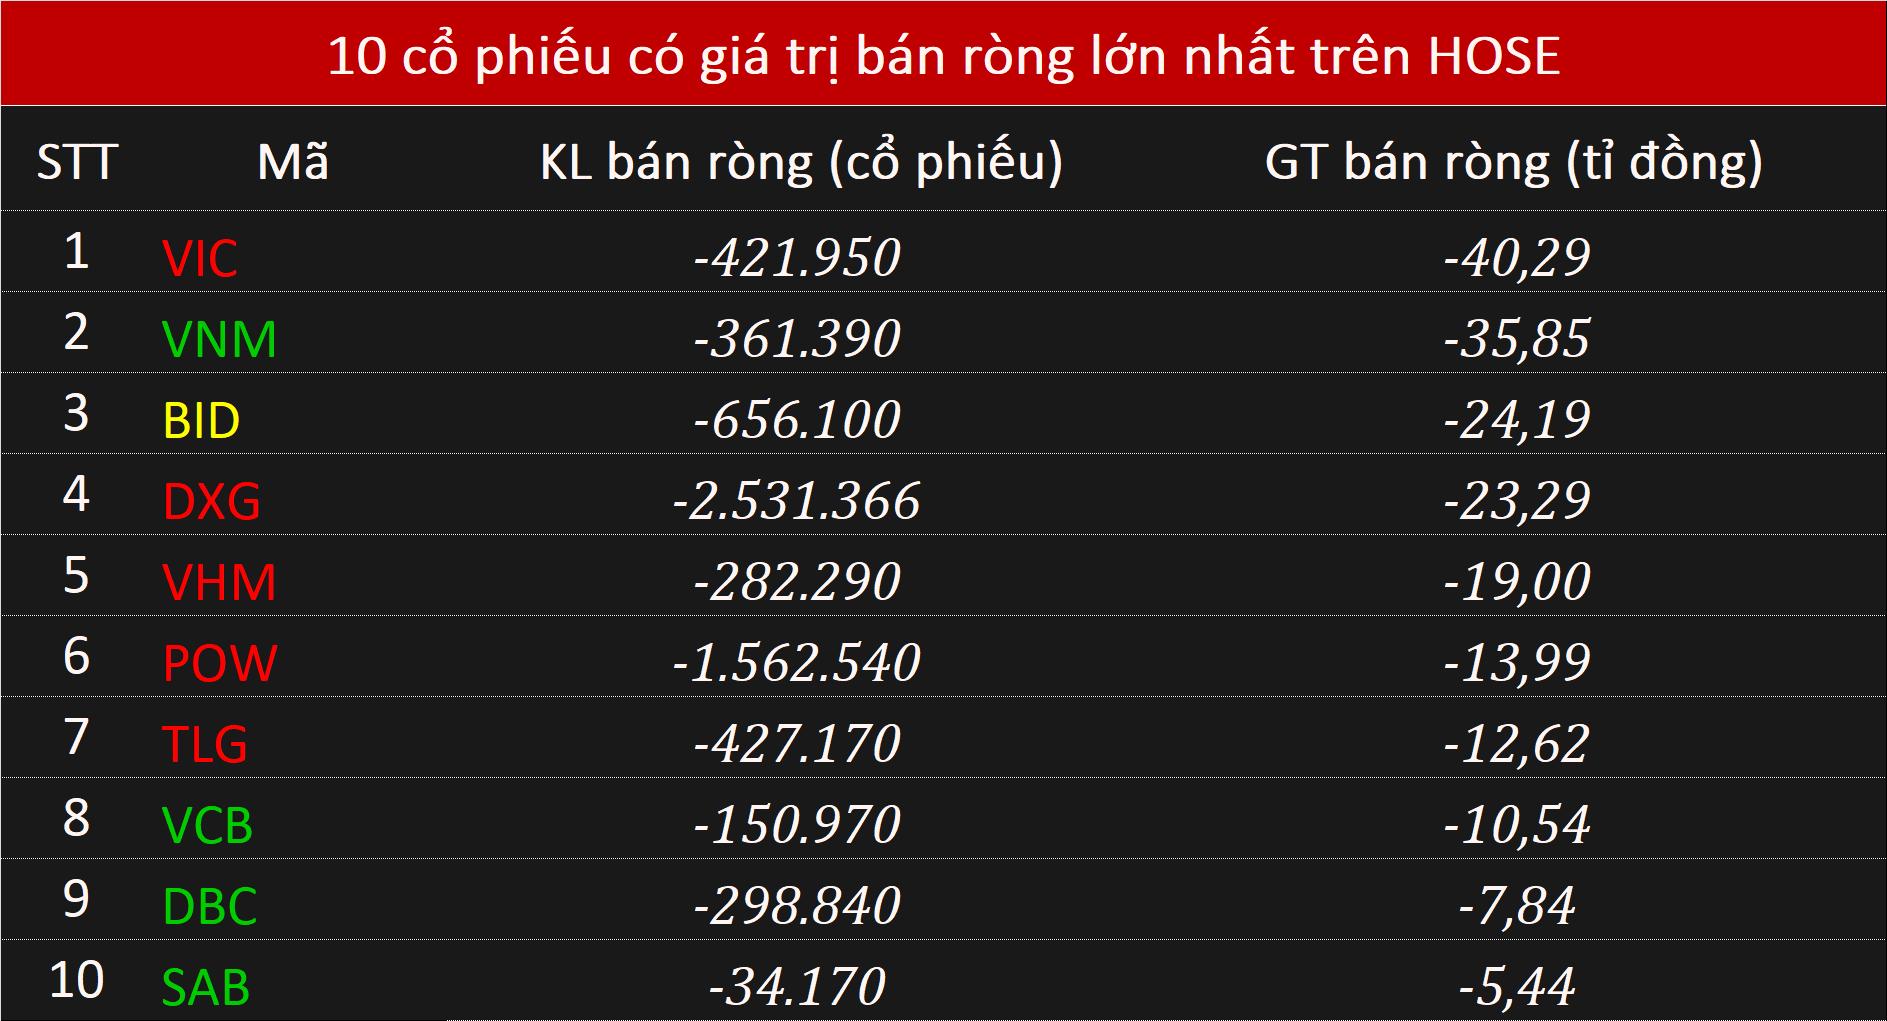 Khối ngoại chưa dừng bán ròng 218 tỉ đồng phiên thứ 13 liên tiếp - Ảnh 1.